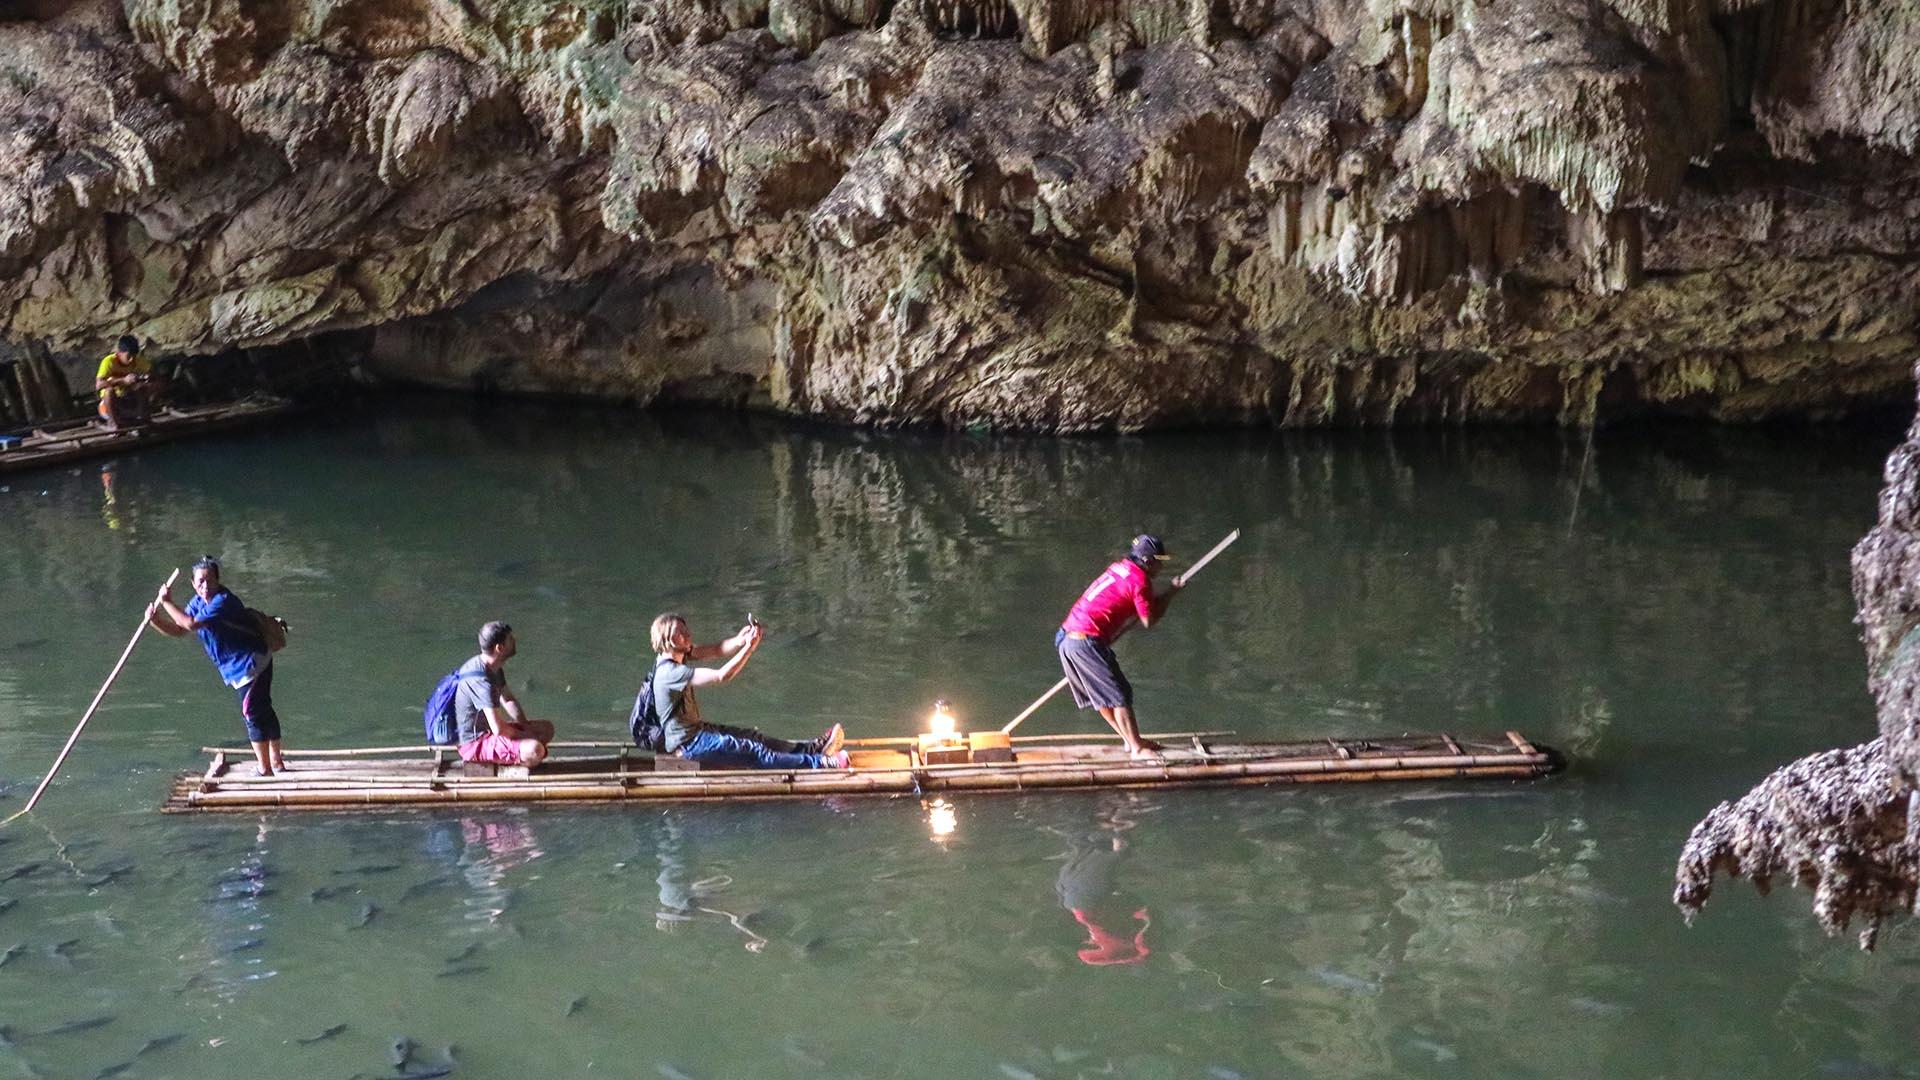 Lod mağarasında bambu sal ile gezinti